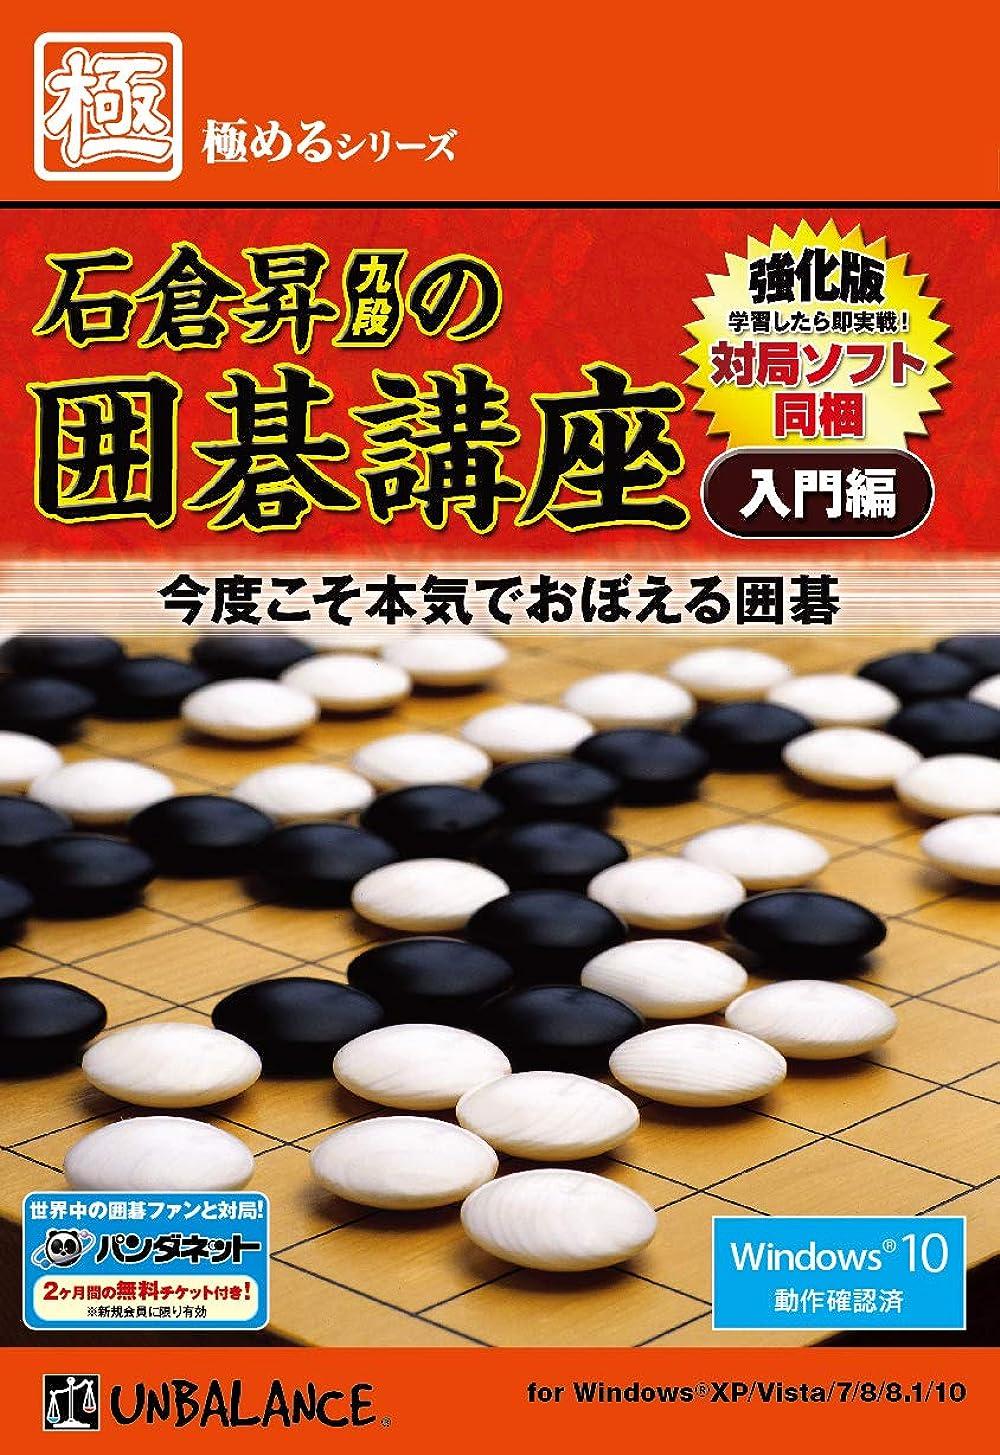 苦痛モットーそっと極めるシリーズ 石倉昇九段の囲碁講座 入門編 ~強化版~